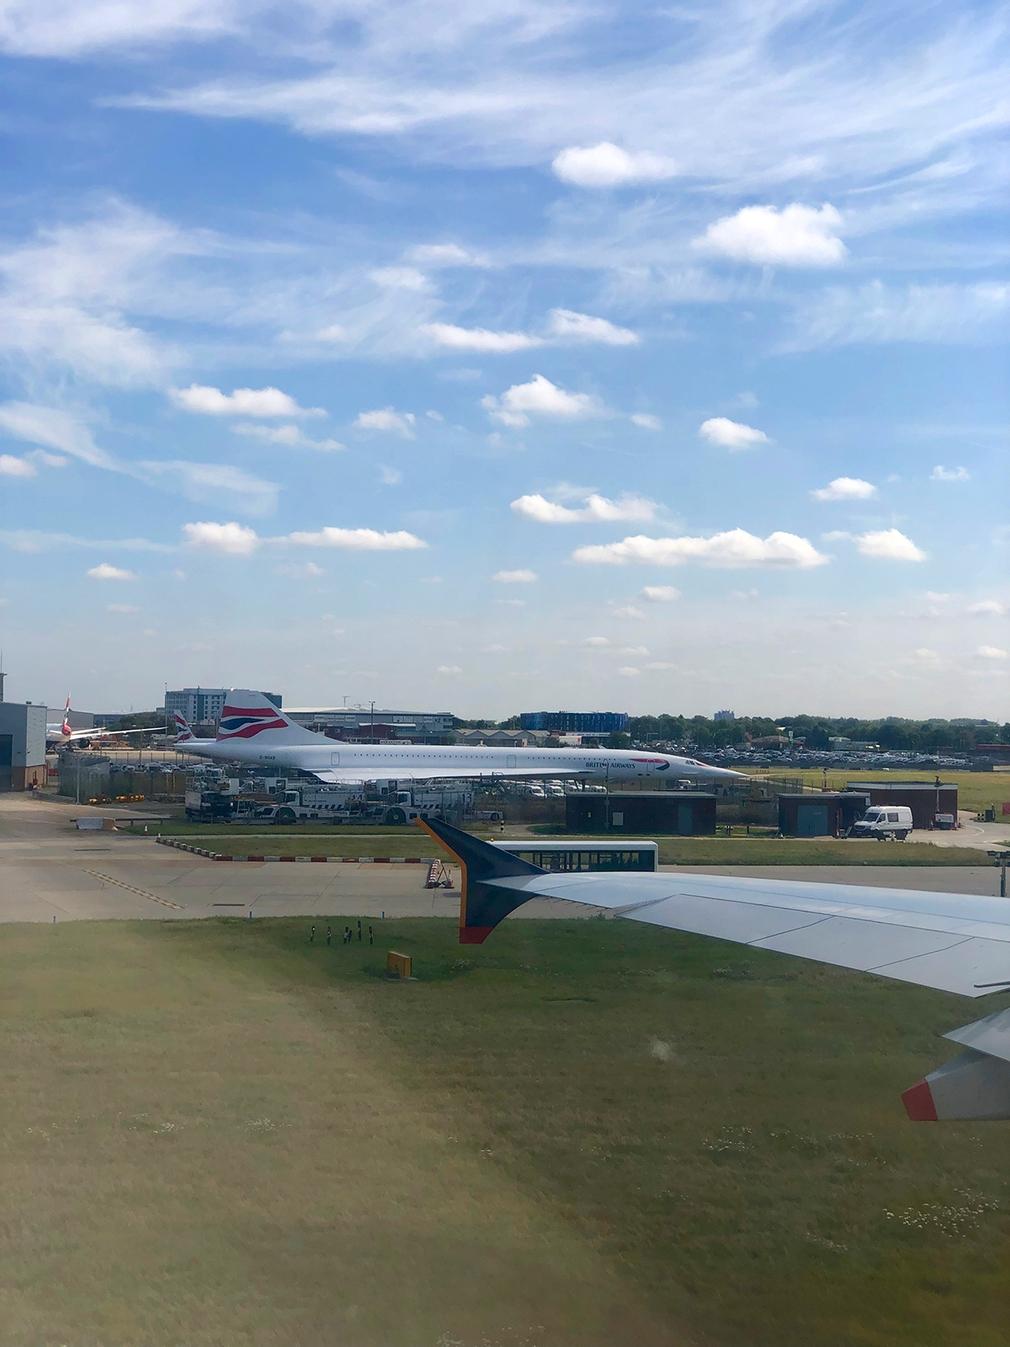 Historic British Airways Concorde